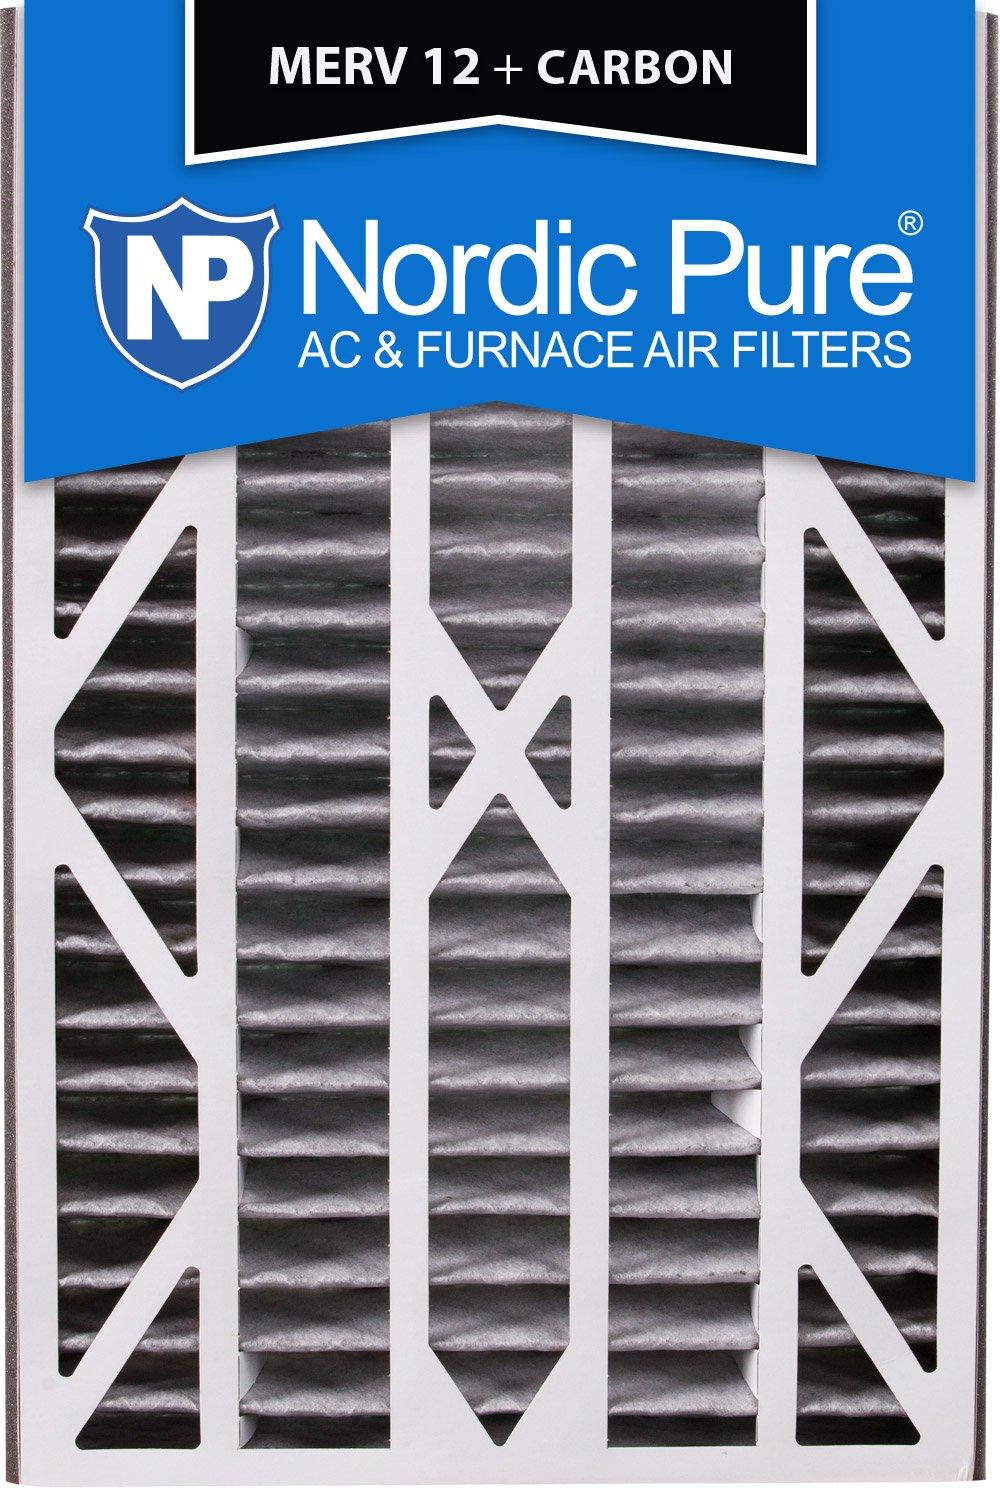 Nordic Pure 16x25x3ABPM12C-3 Merv 12 Plus 碳交流炉过滤器,3 件